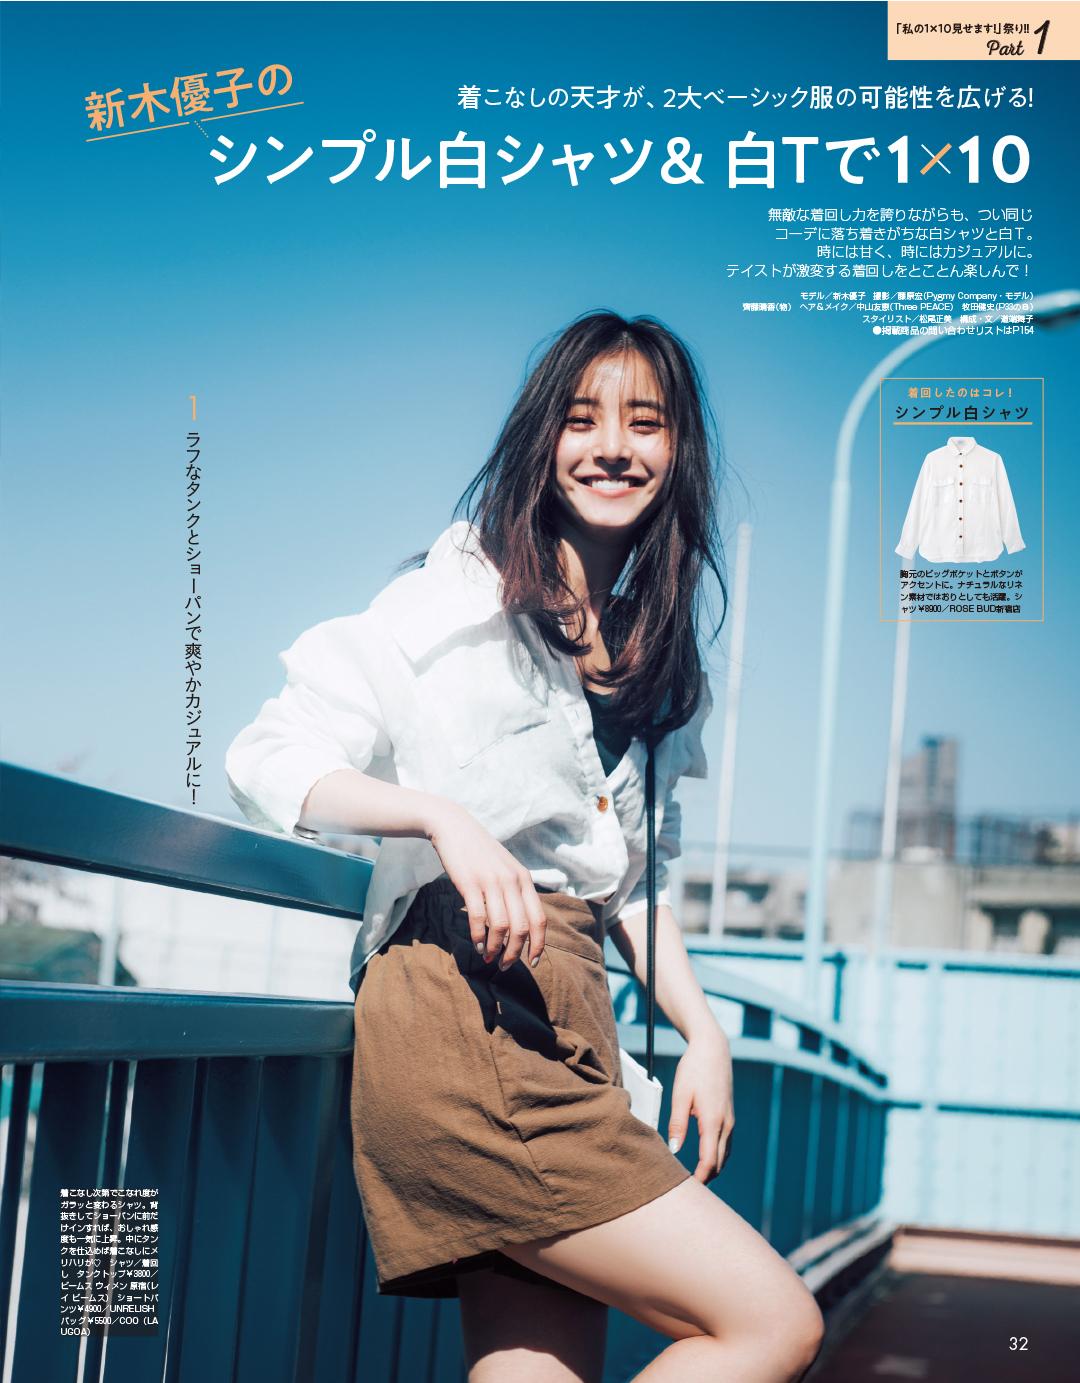 新木優子のシンプル白シャツ&白Tで1×10